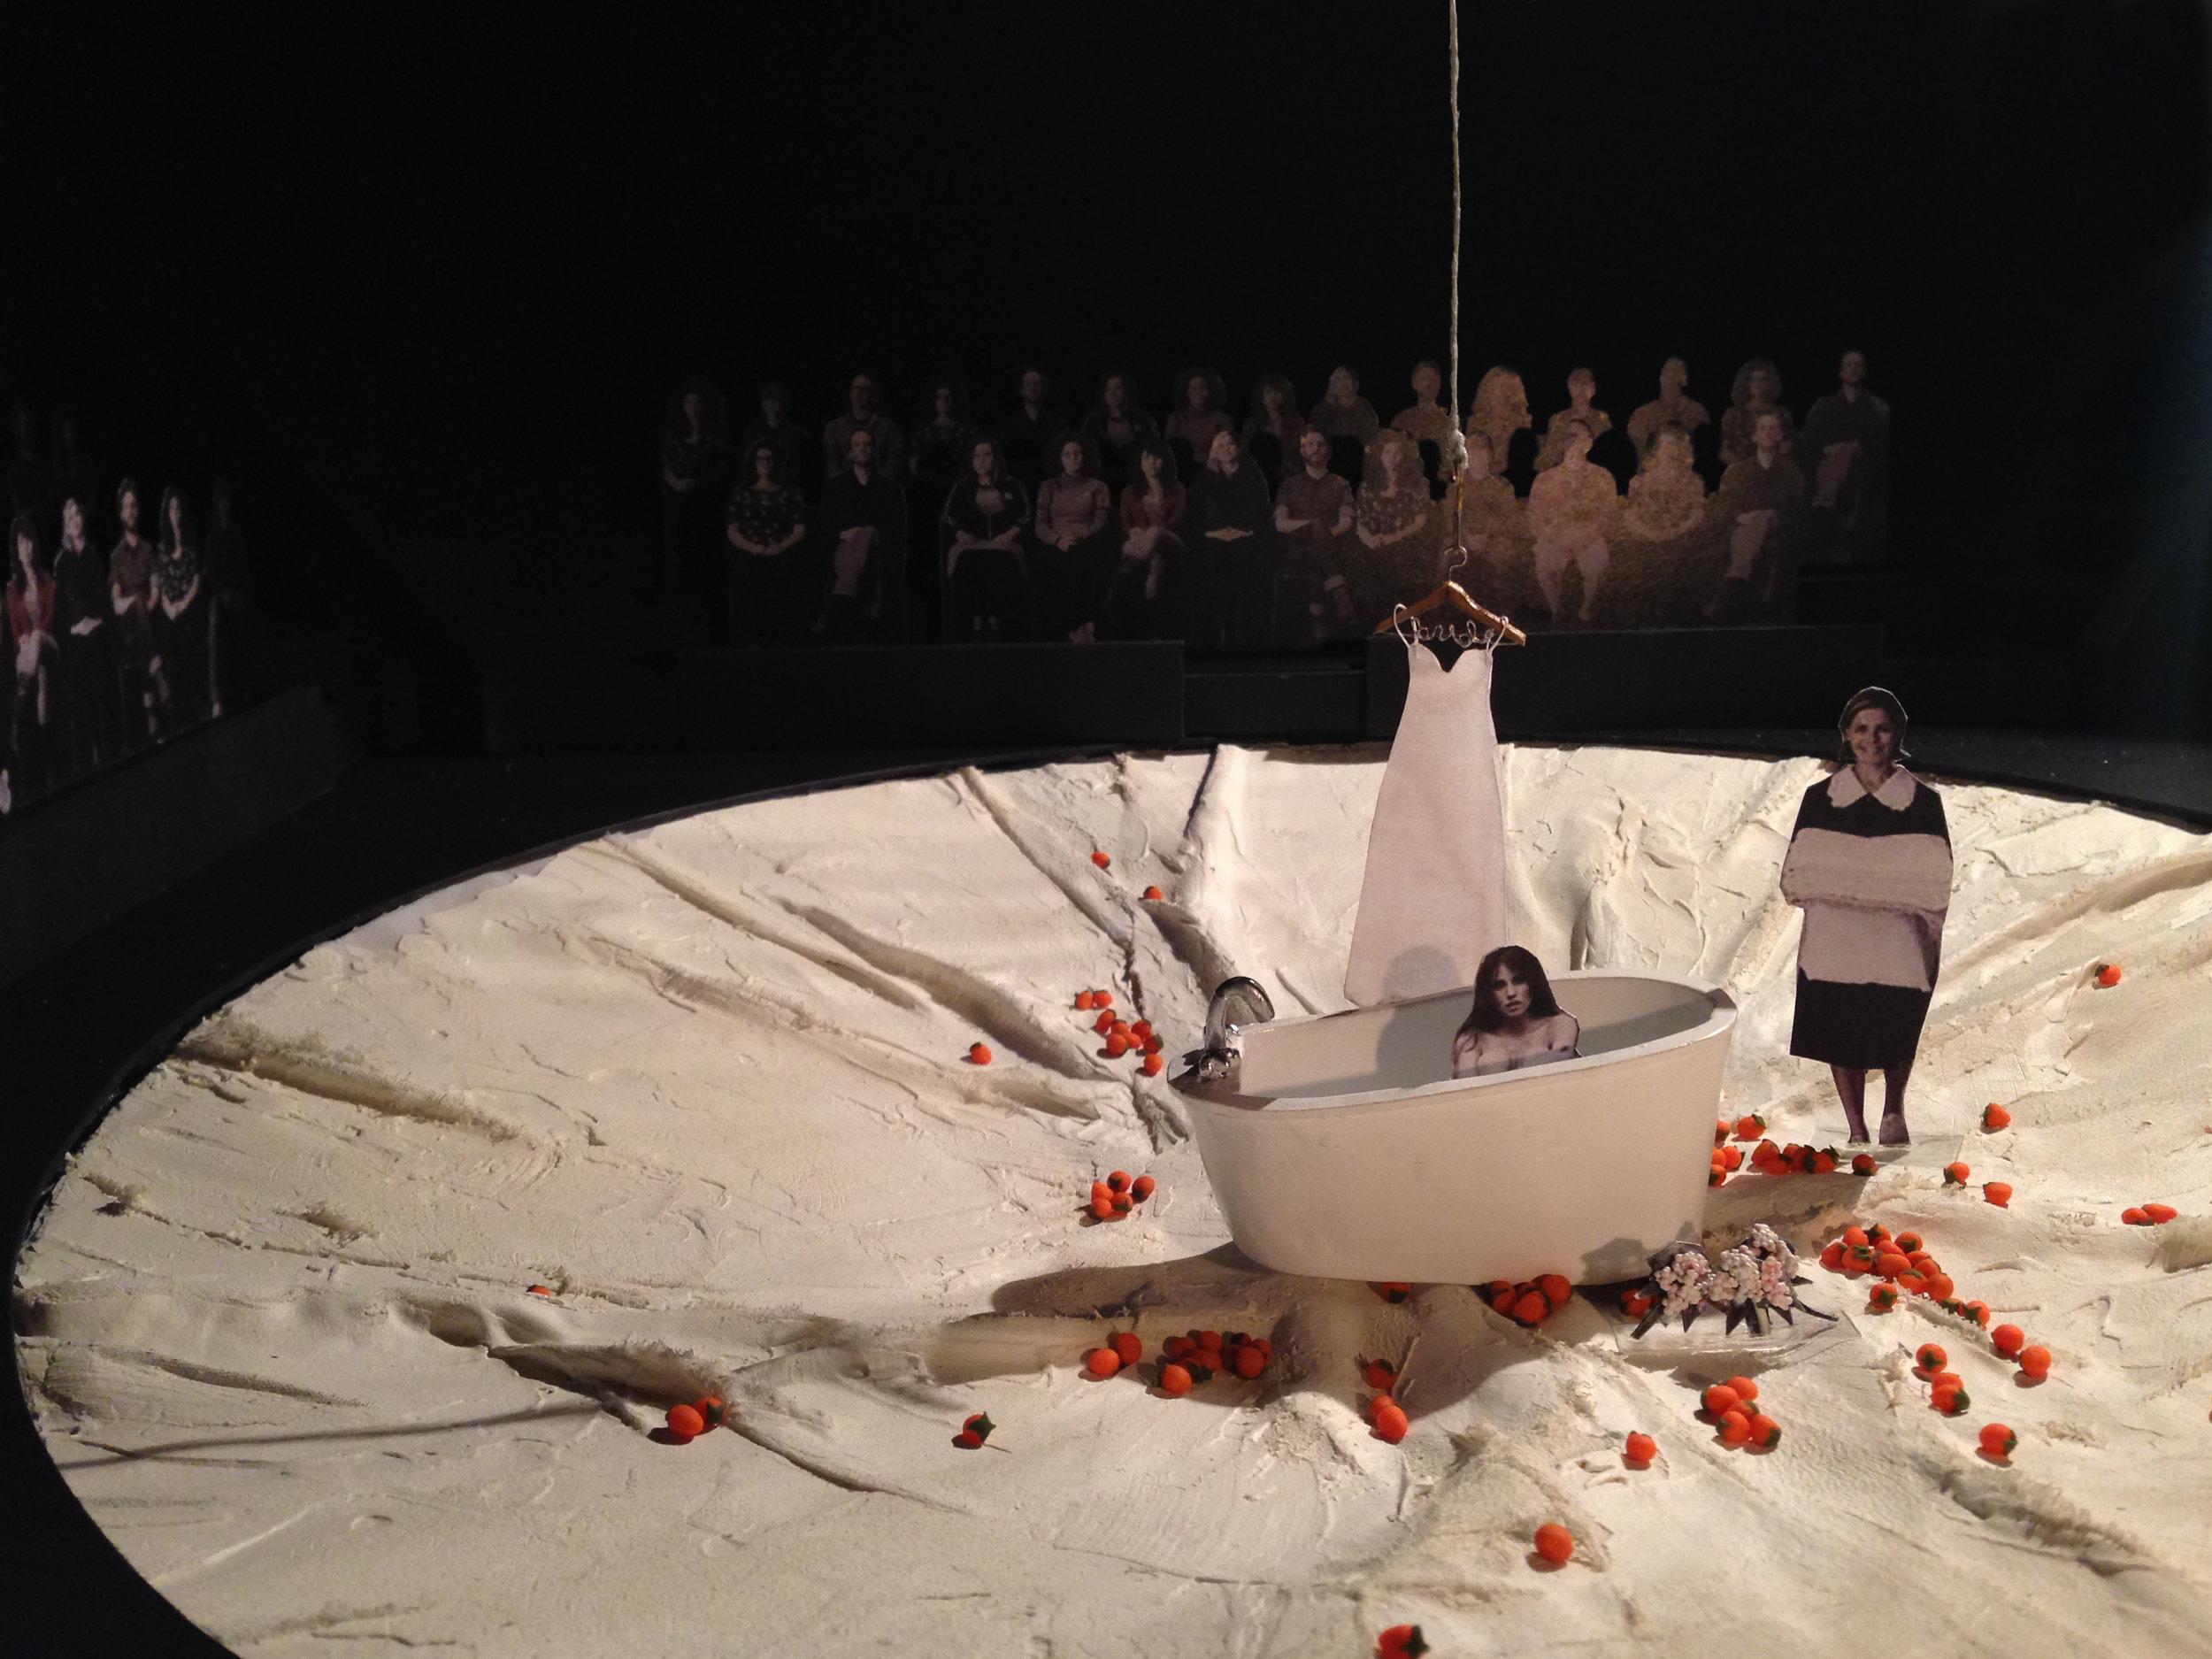 BloodWedding_Storyboard_Bride-in-bathtub.jpg